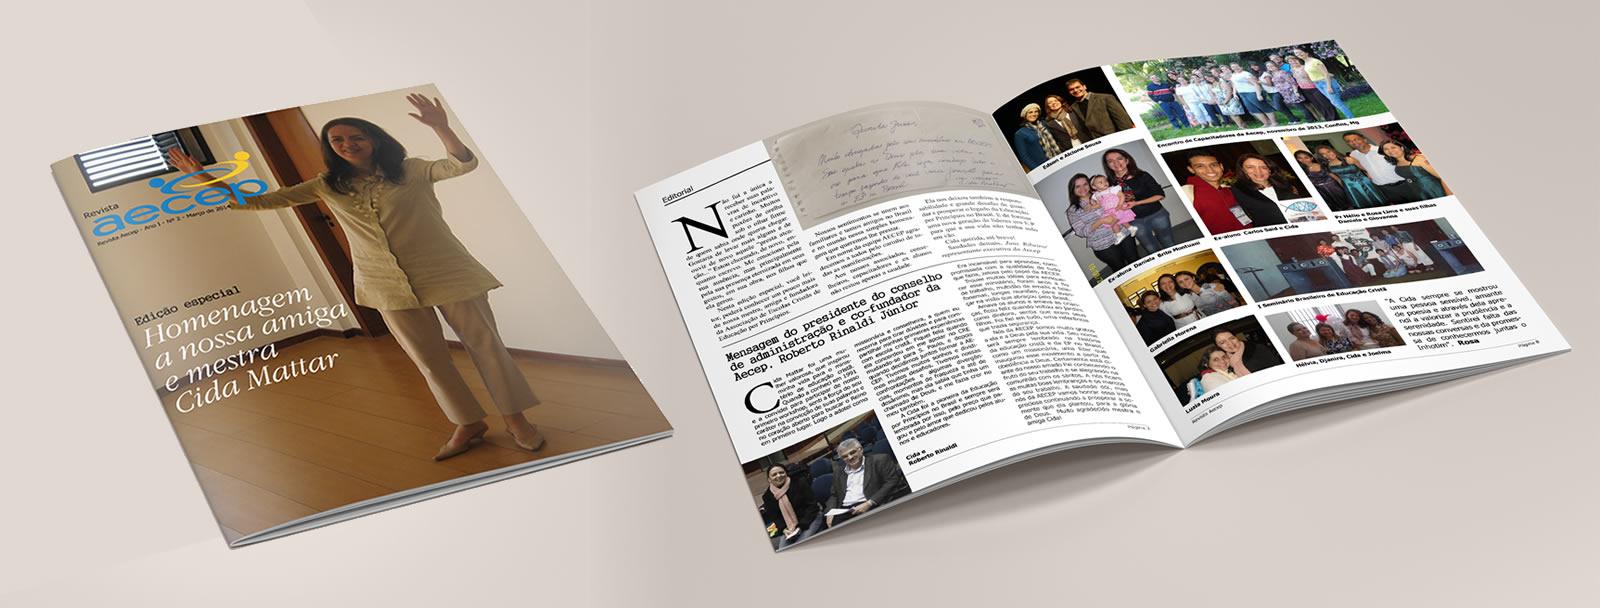 Revista Aecep - Belo Horizonte - MG